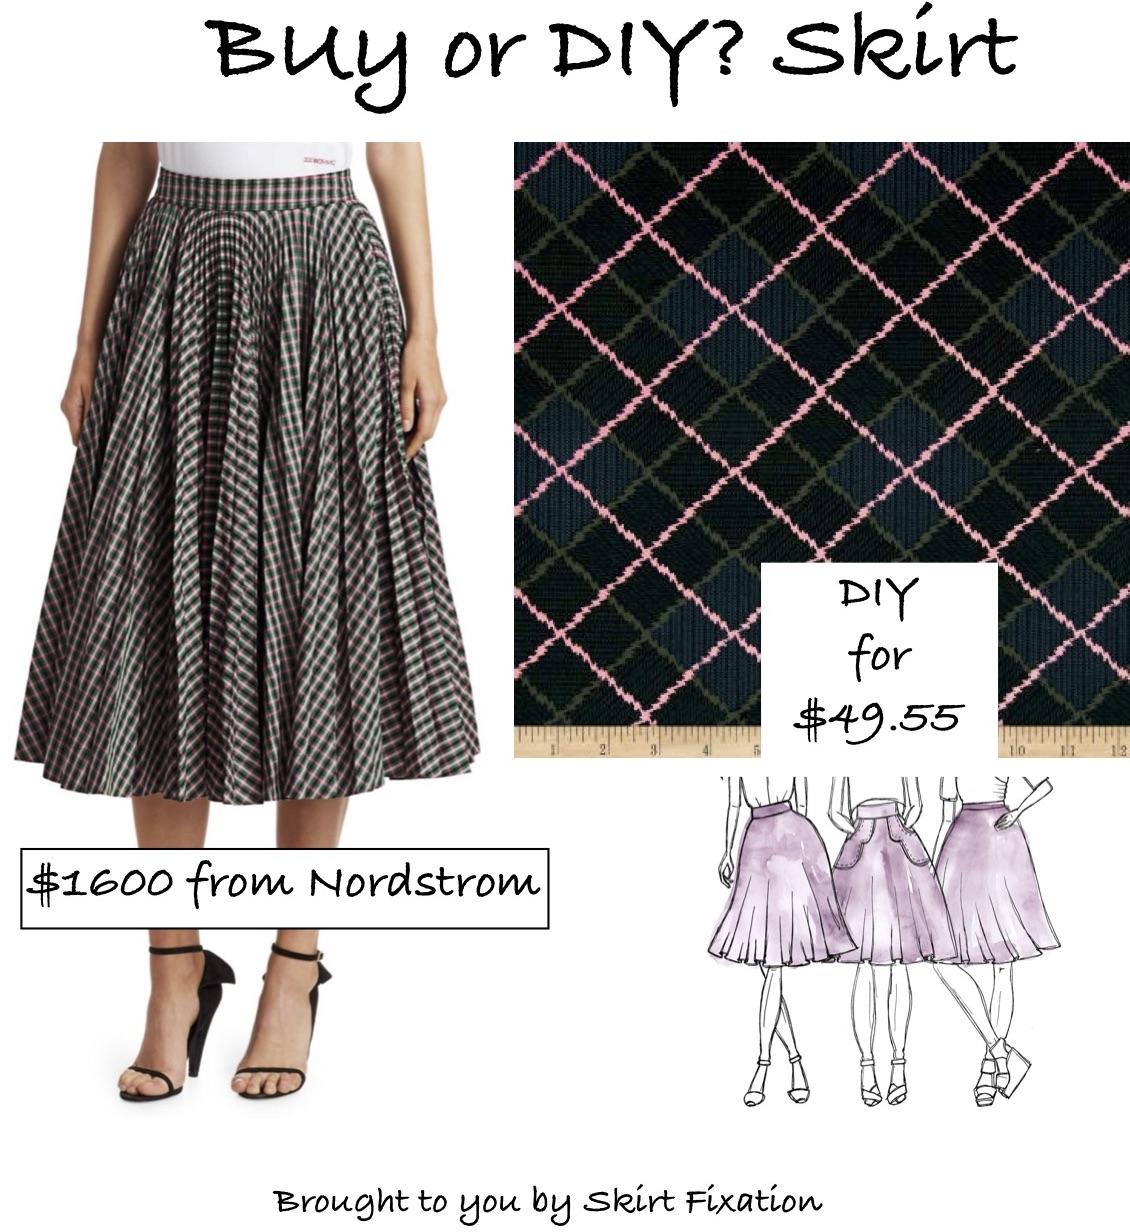 Buy or DIY Calvin Klein skirt tutorial from Skirt Fixation